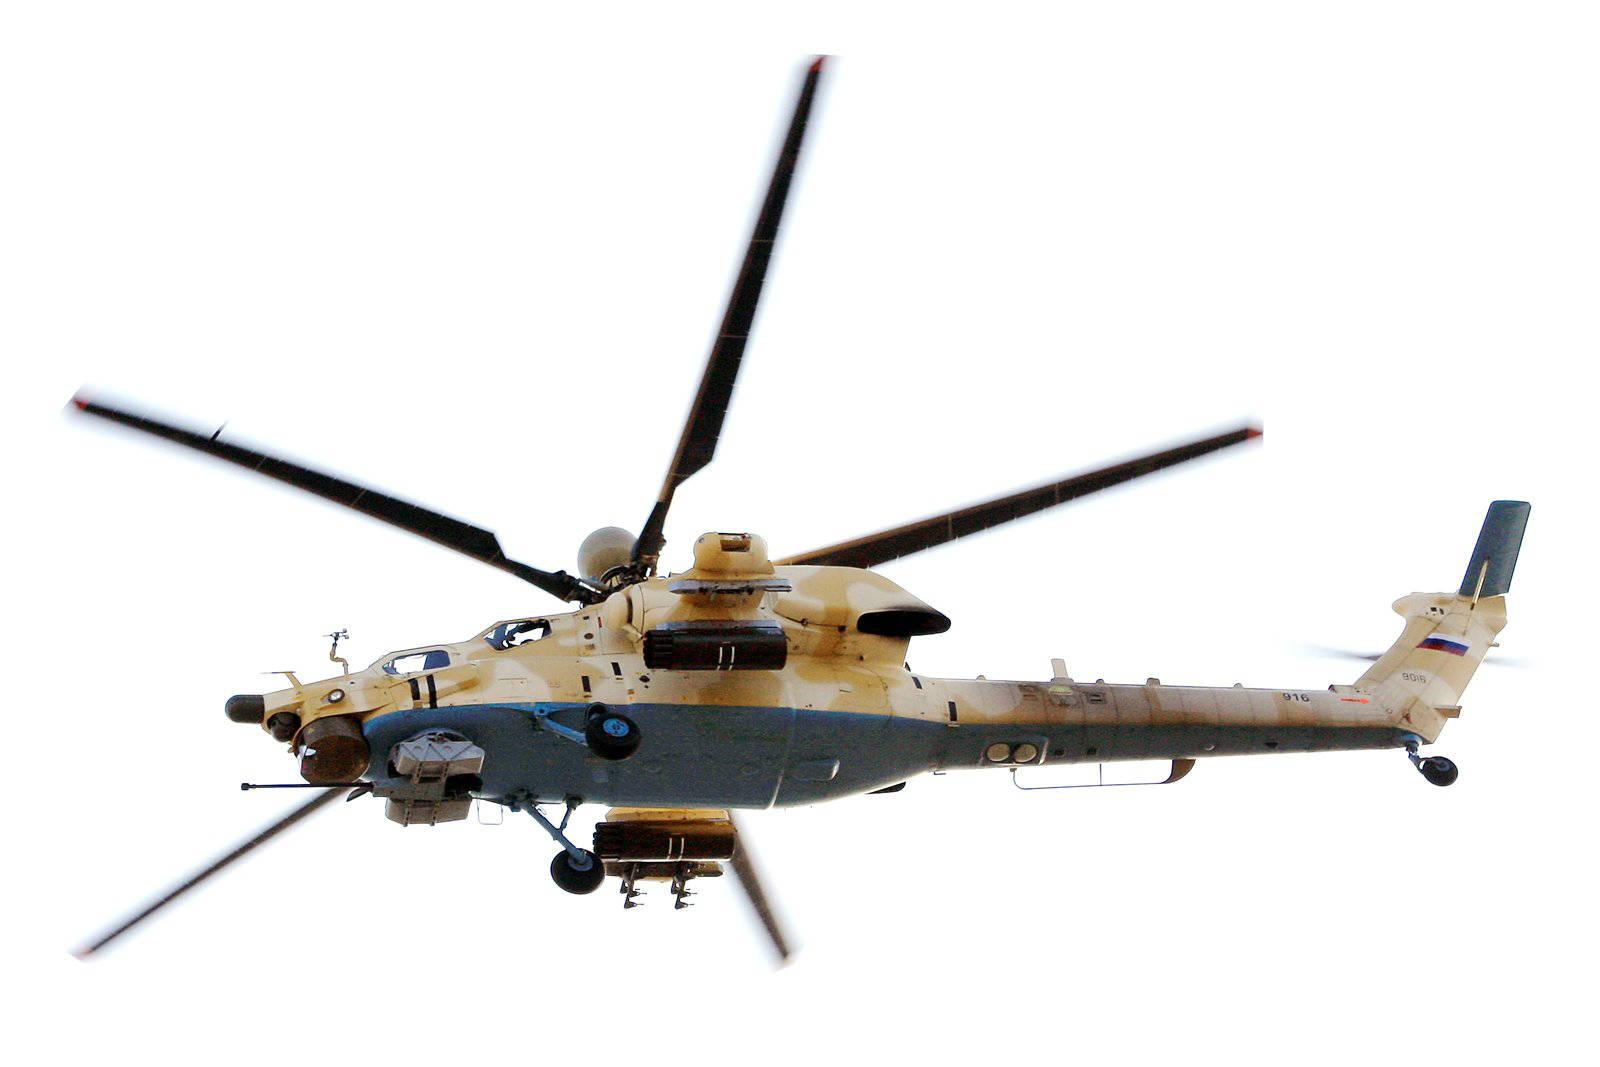 Россия завершит поставку вертолетов Ми-26Т2 для Алжира в 2017 г. - источник